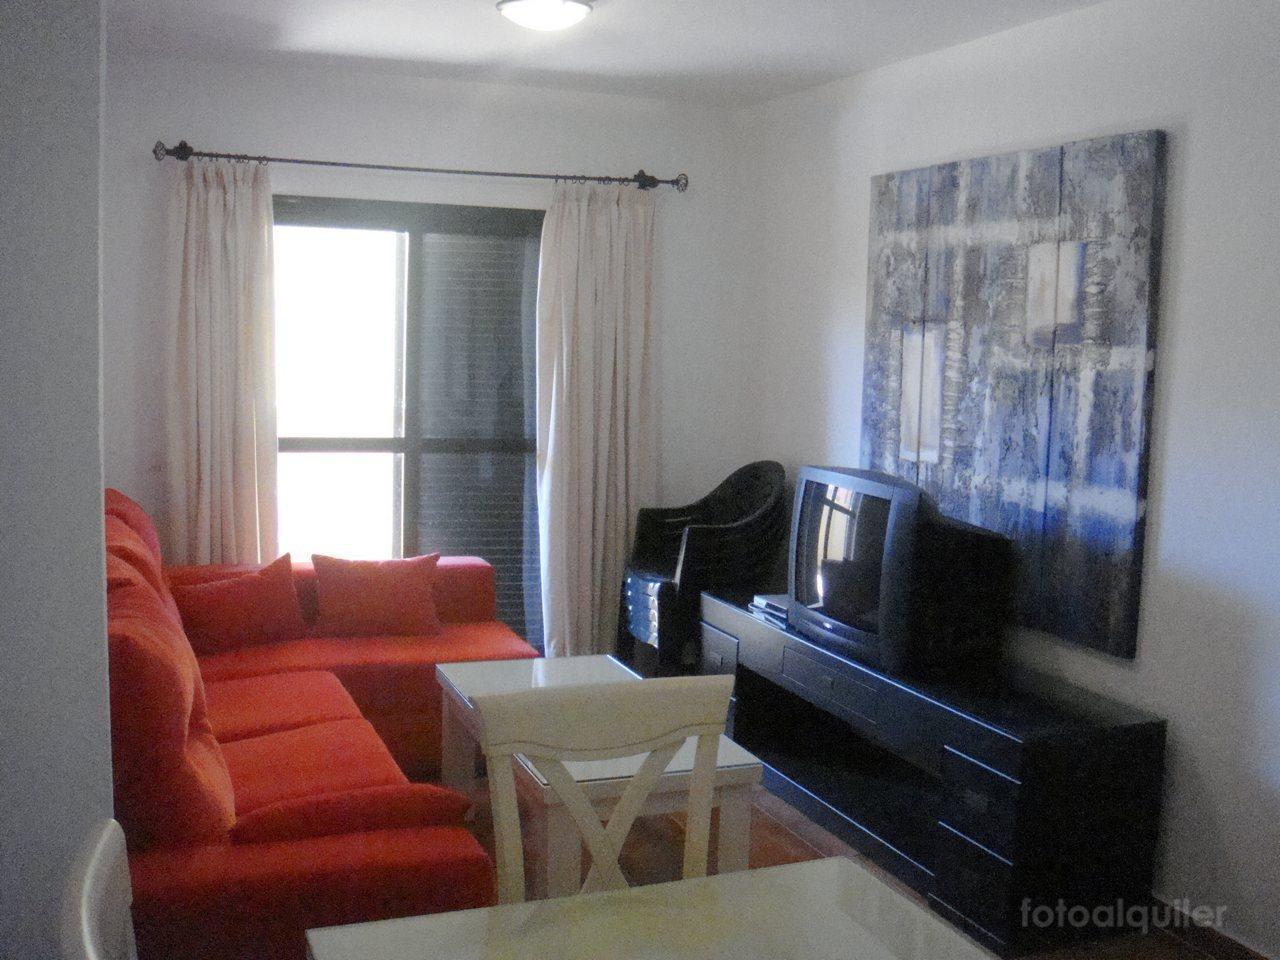 Alquiler apartamentos vacaciones en primera línea, Zahara de los Atunes